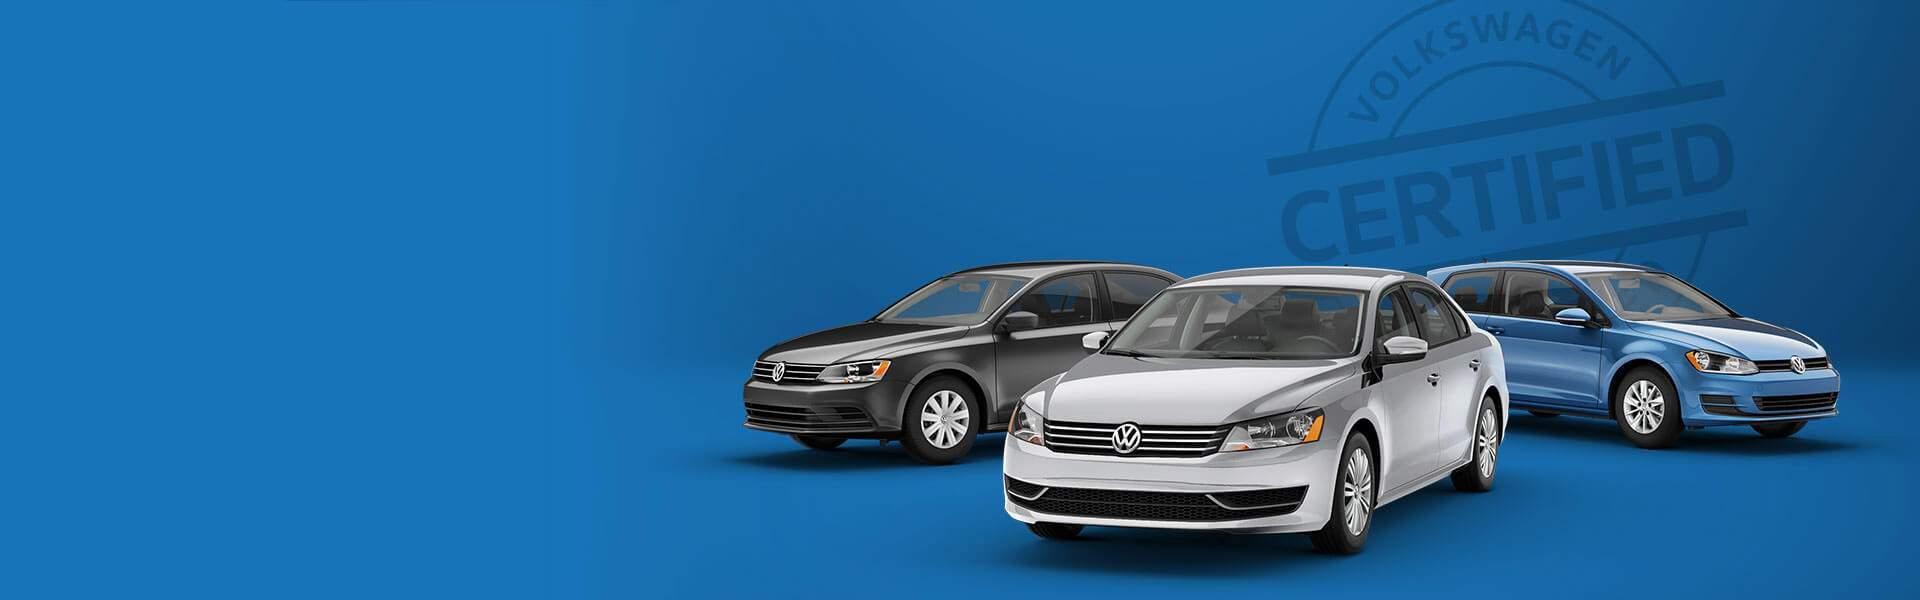 Volkswagen Certified Pre-Owned in Clovis, CA